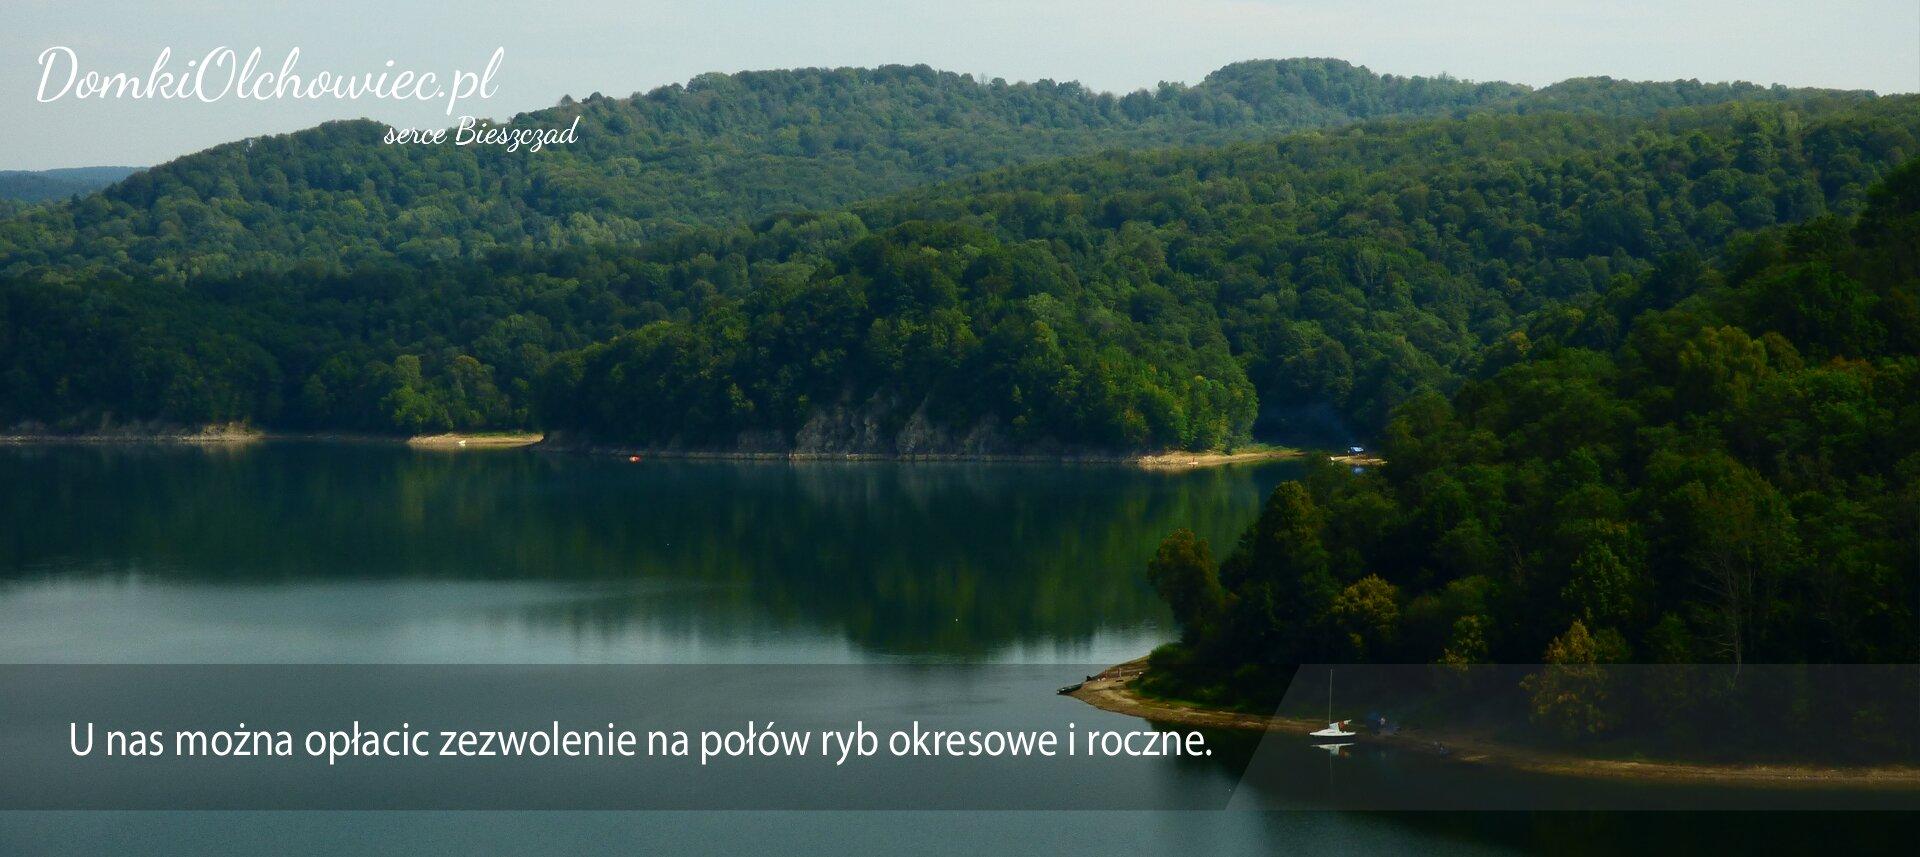 Modernistyczne Wynajem domków SOLINA - Domki Olchowiec - Domki na wynajem w CN62